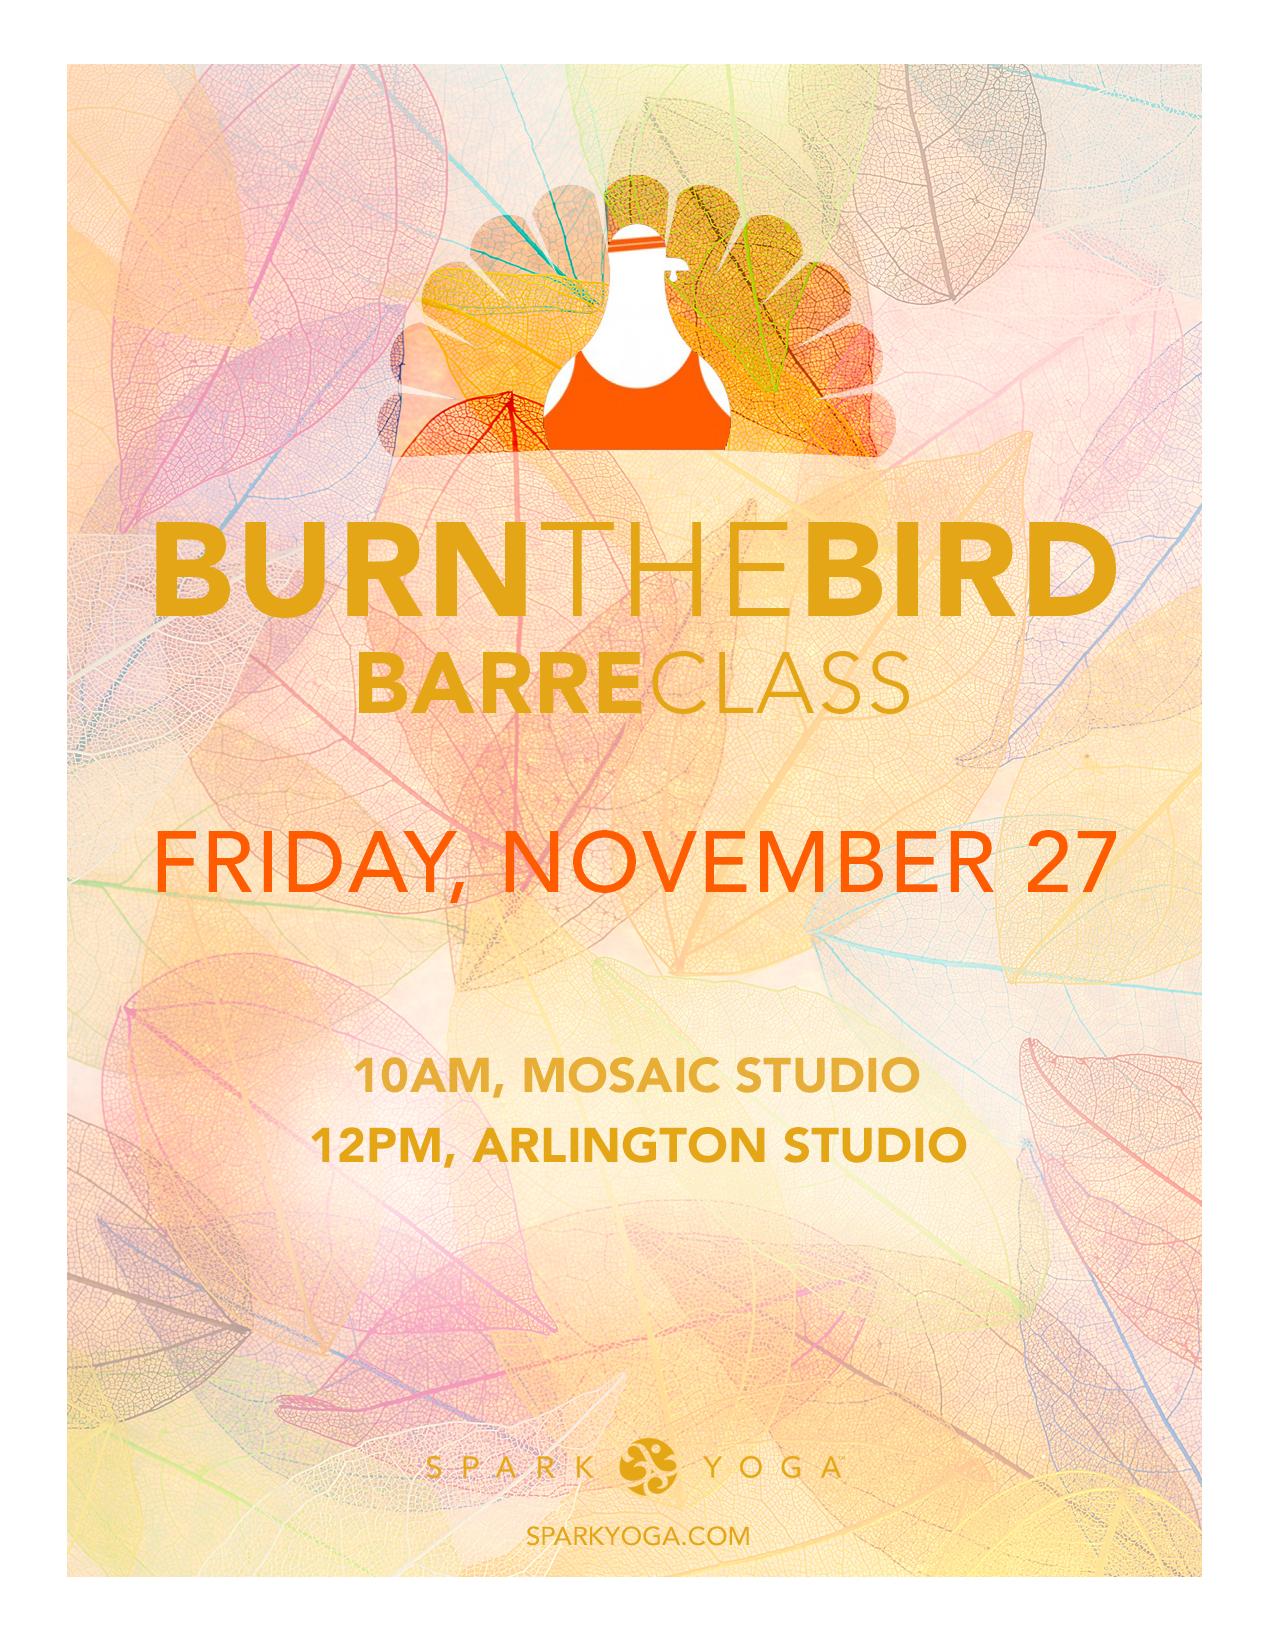 BurnTheBird_Poster_Nov2015.jpg